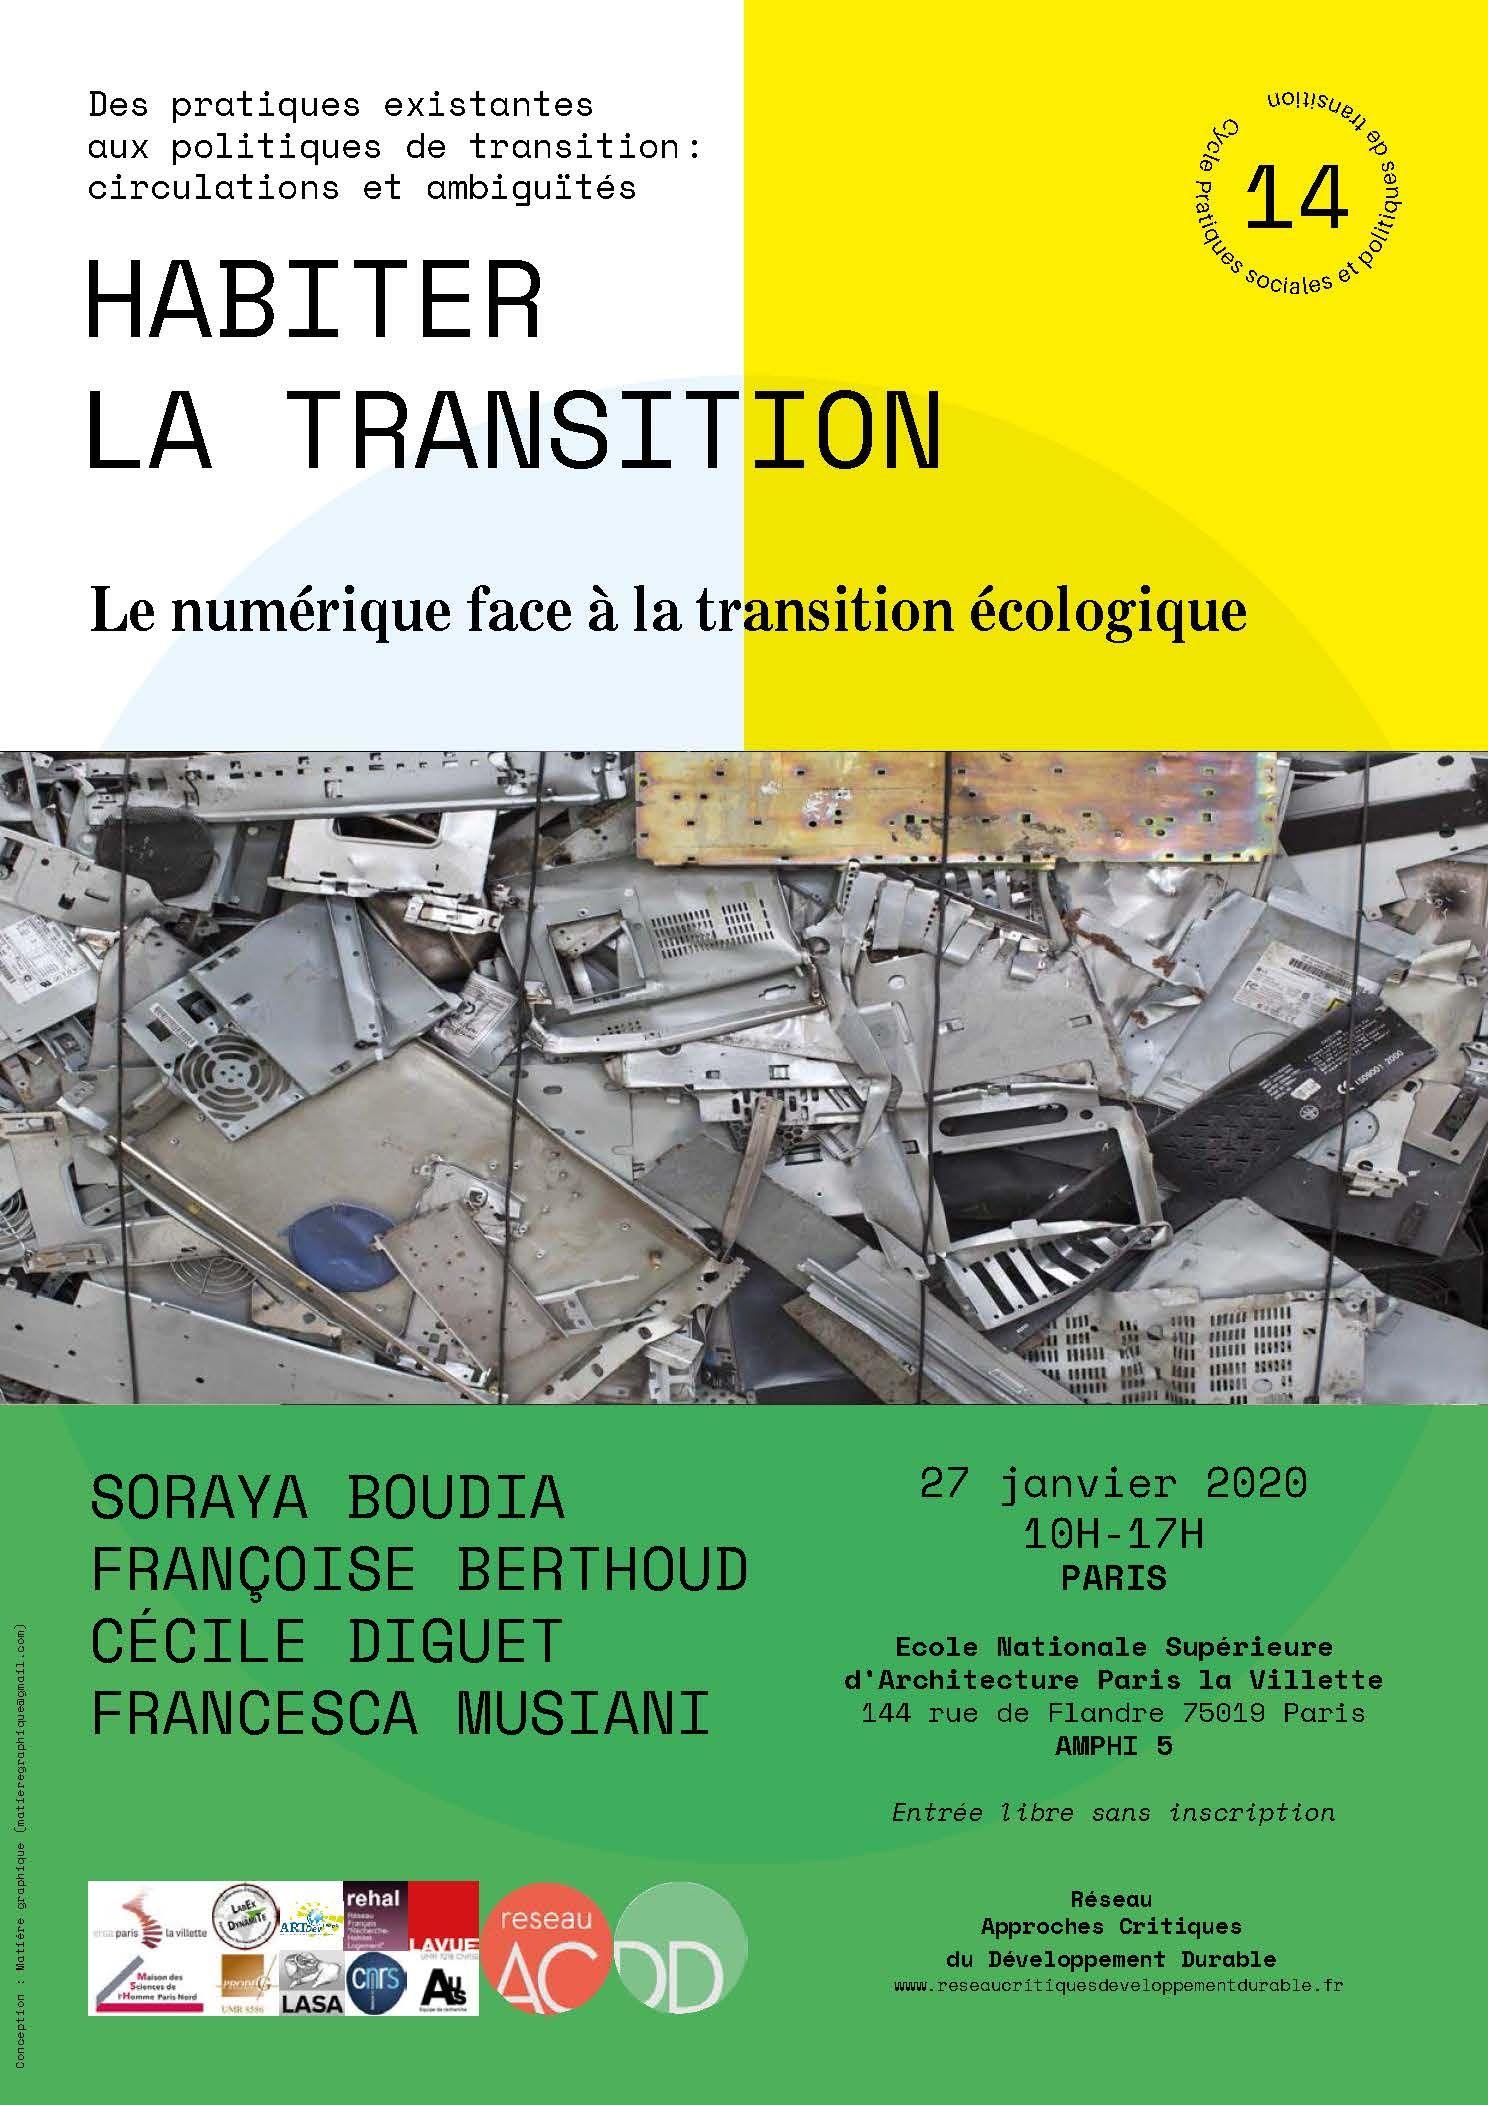 Habiter la transition, Le numérique face à la transition écologique